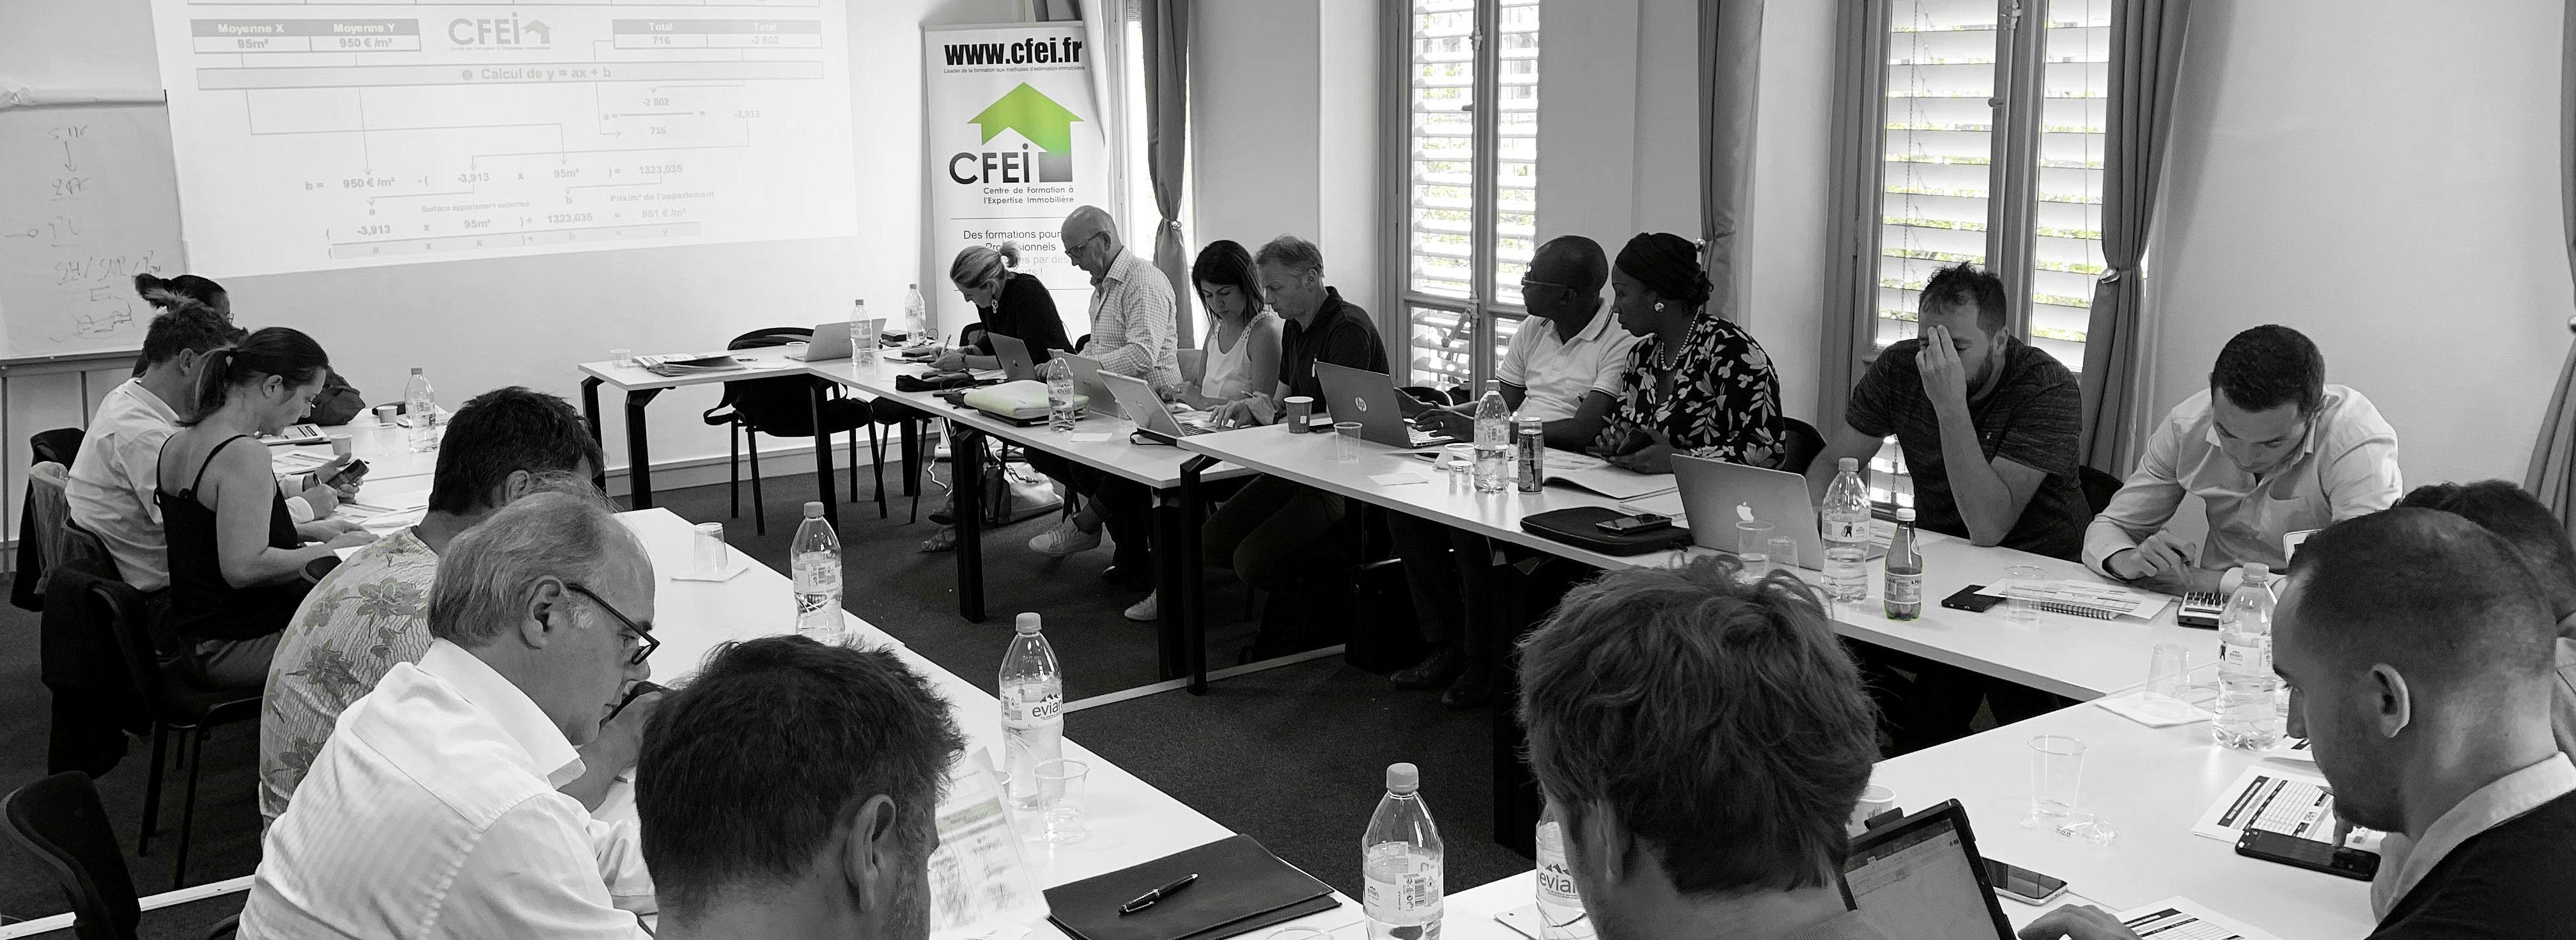 Devenir expert immobilier avec le CFEI le centre de formation a l' expertise immobiliere